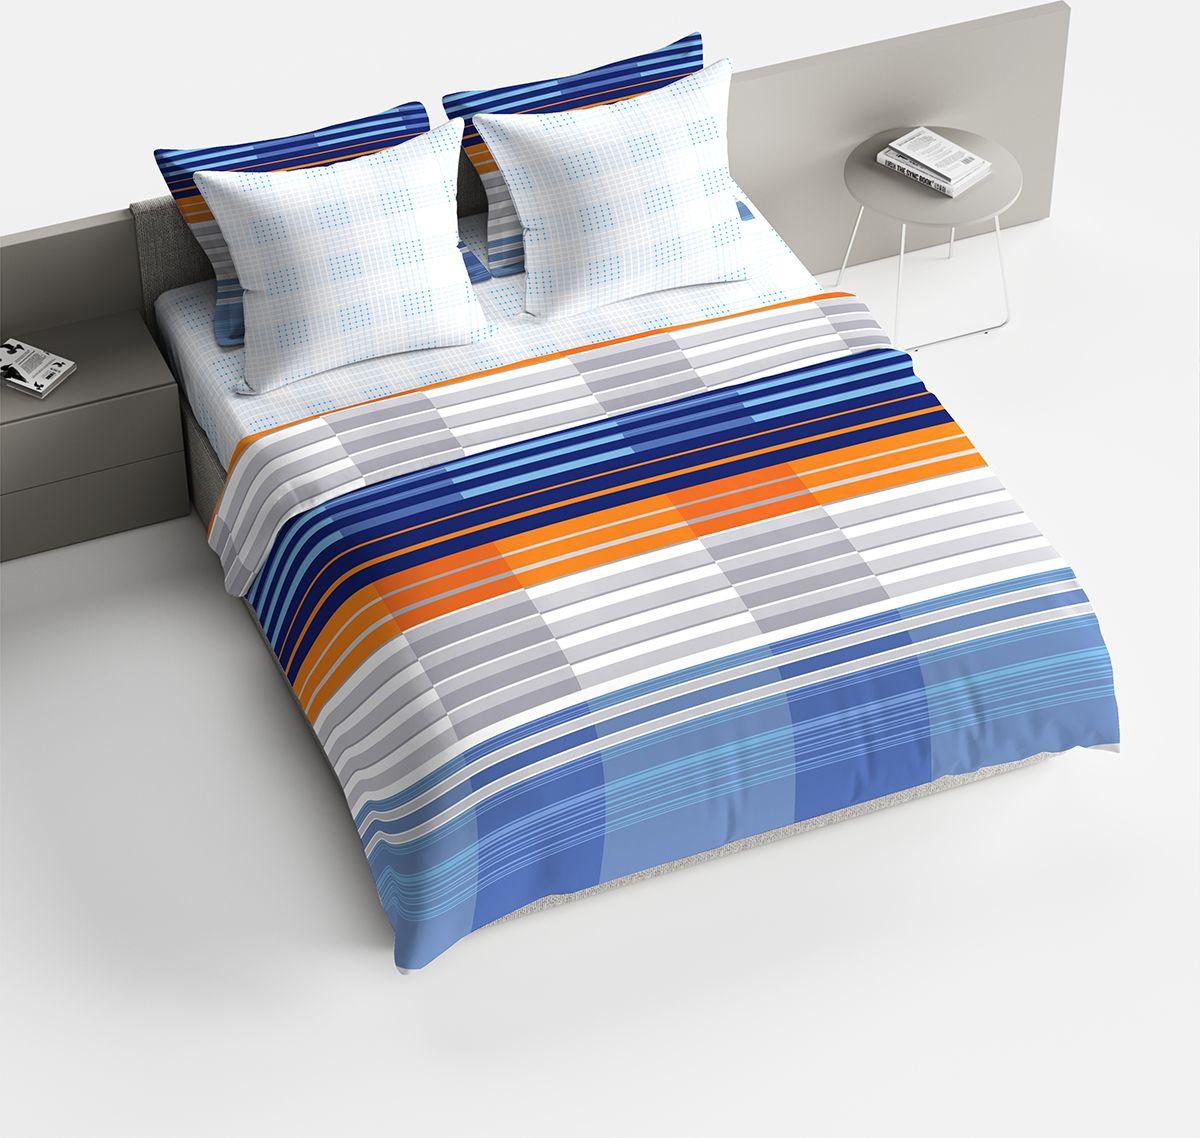 Комплект белья Браво Марино, евро, наволочки 70x70, цвет: синийД Дачно-Деревенский 20Комплекты постельного белья из ткани LUX COTTON (высококачественный поплин), сотканной из длинноволокнистого египетского хлопка, созданы специально для людей с оригинальным вкусом, предпочитающим современные решения в интерьере. Обновленная стильная упаковка делает этот комплект отличным подарком. • Равноплотная ткань из 100% хлопка;• Обработана по технологии мерсеризации и санфоризации;• Мягкая и нежная на ощупь;• Устойчива к трению;• Обладает высокими показателями гигроскопичности (впитывает влагу);• Выдерживает частые стирки, сохраняя первоначальные цвет, форму и размеры;• Безопасные красители ведущего немецкого производителя BEZEMA